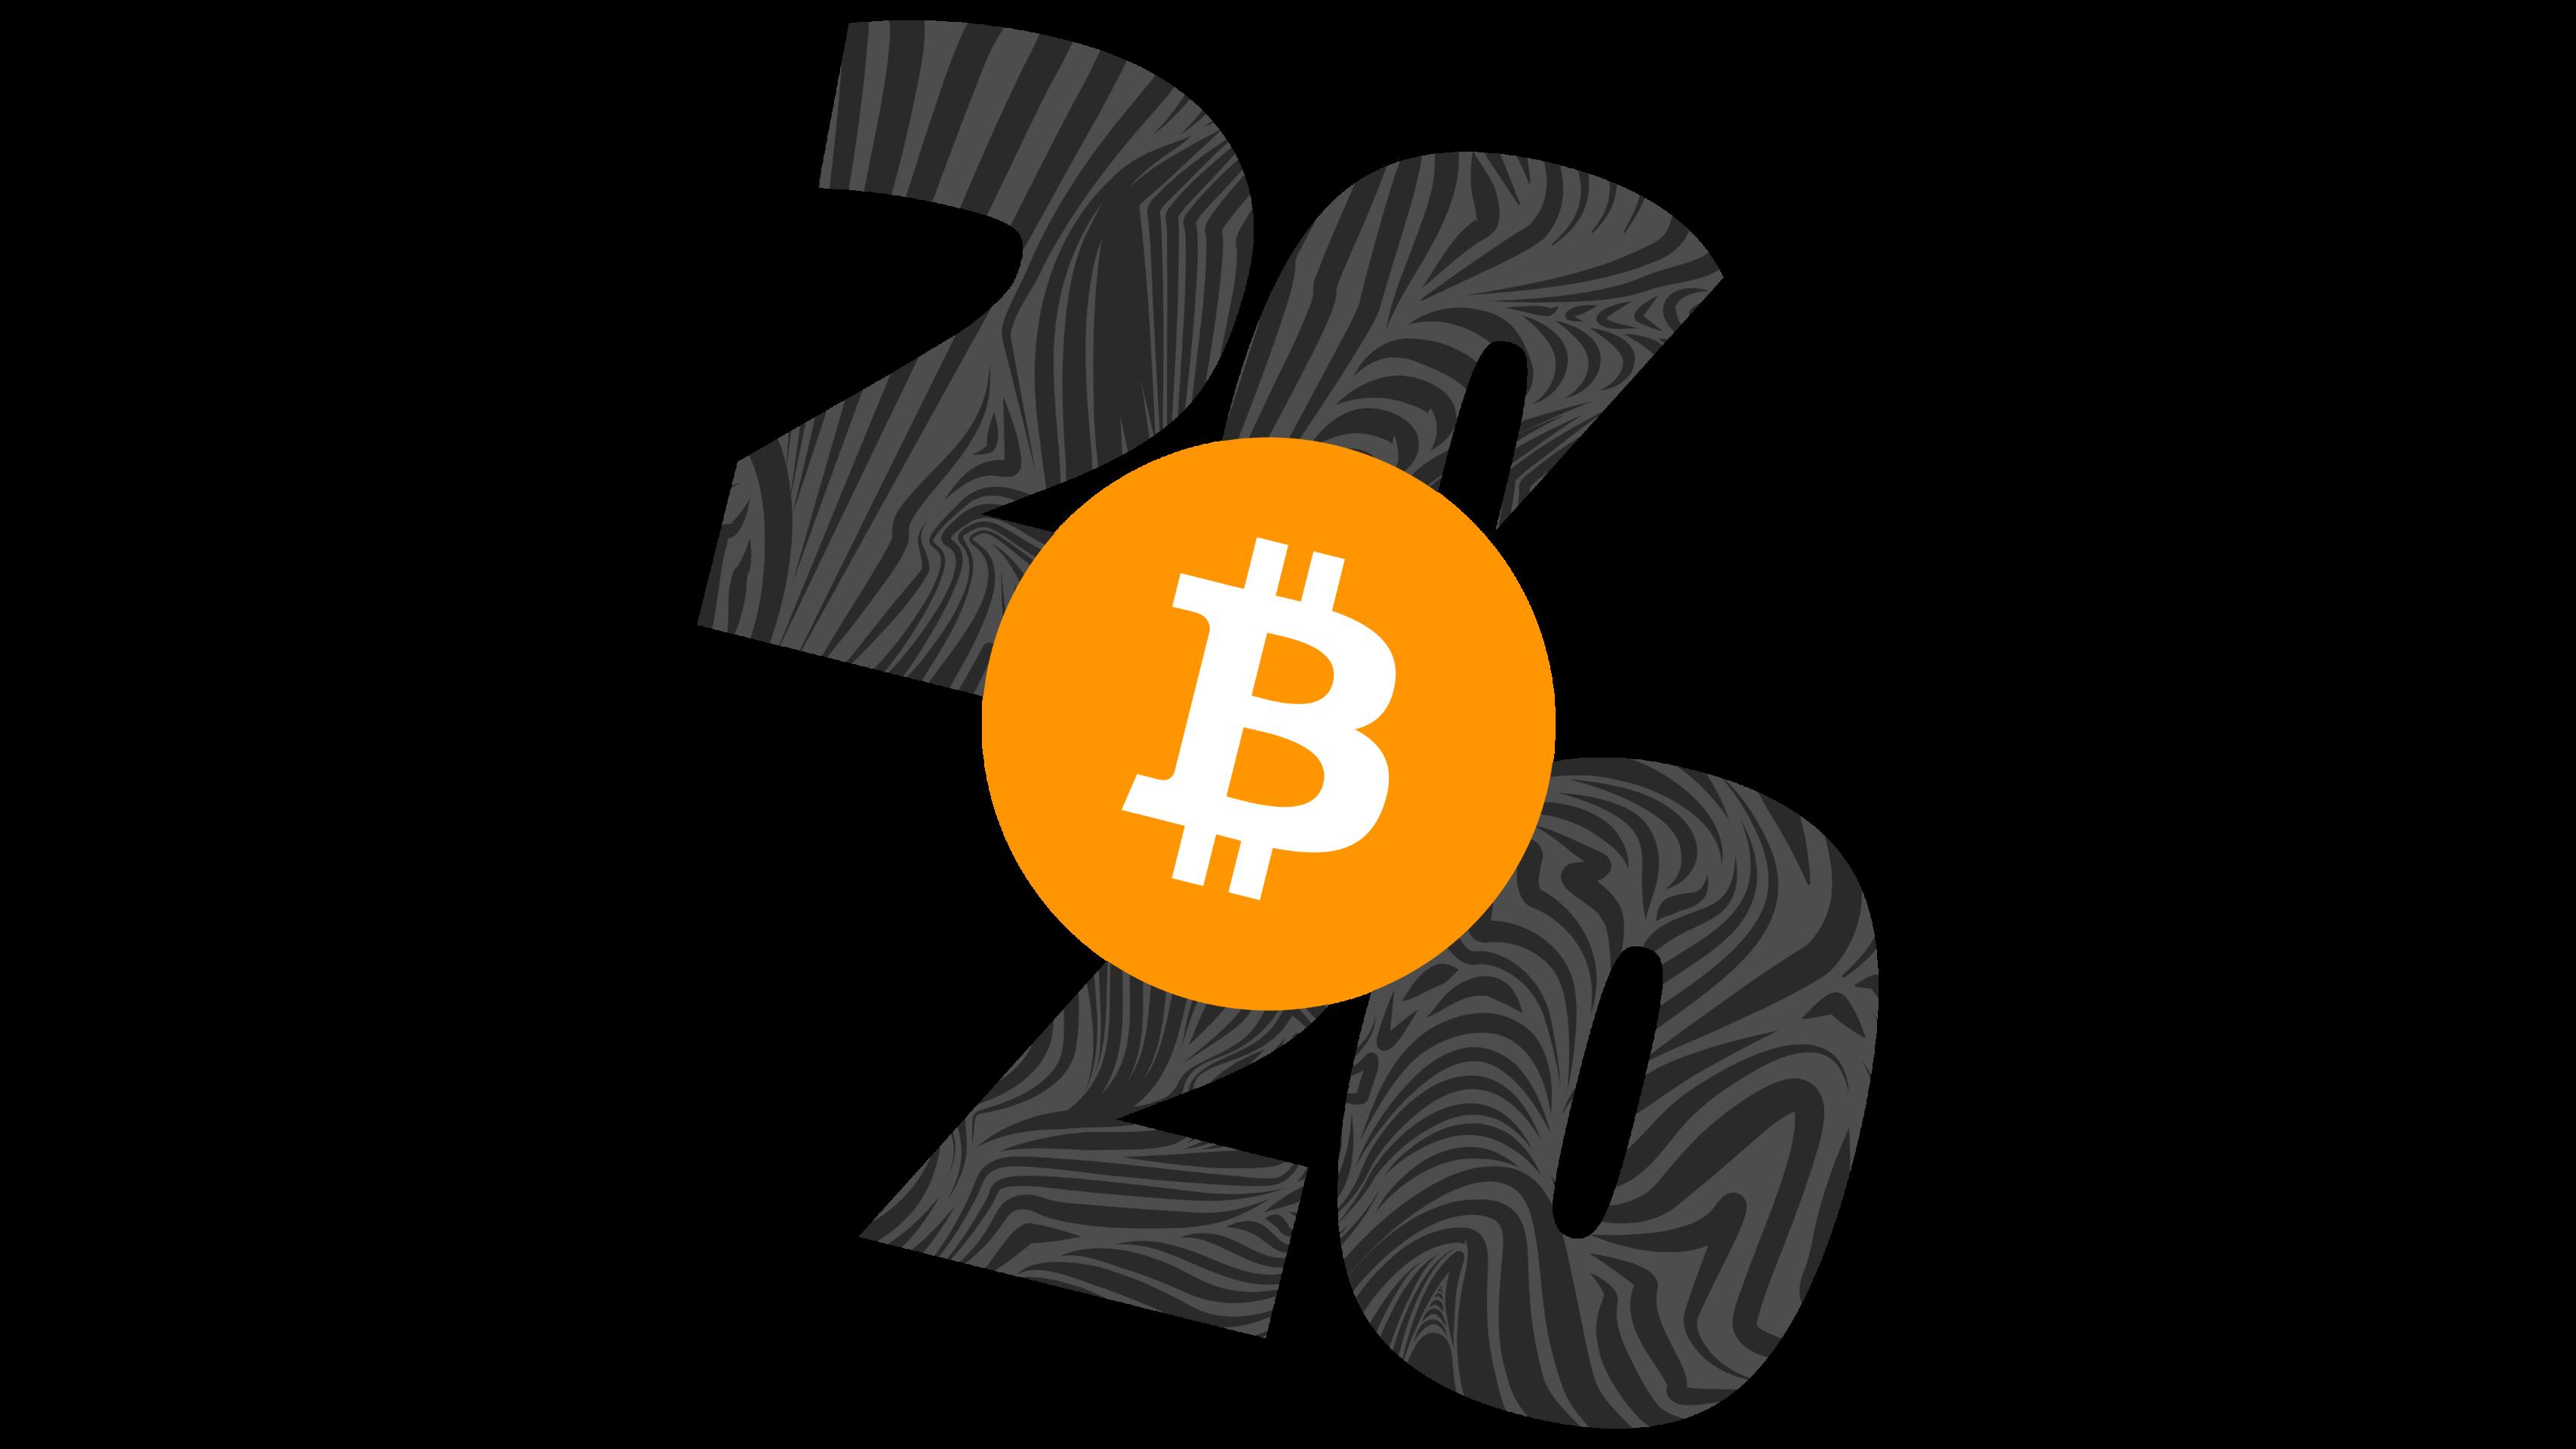 5d8d42f670bb7f3609e33645 Bitcoin2020 Glyph dark pattern 16x9 - پیش بینی بیت کوین سال 2020